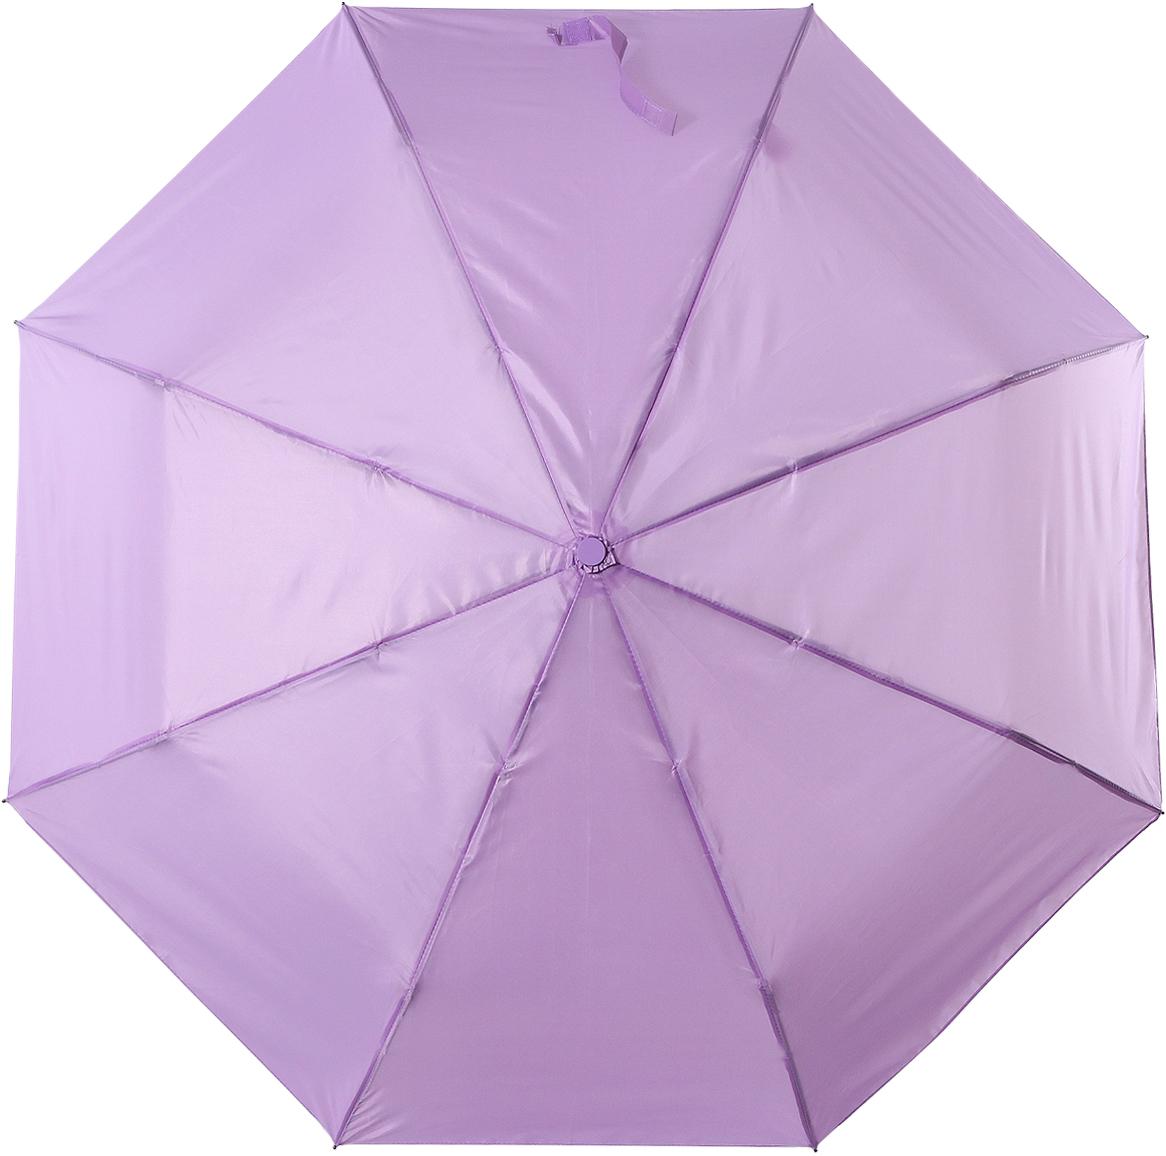 Зонт женский Torm, цвет: светло-фиолетовый. 3731-09Колье (короткие одноярусные бусы)Классический женский зонт в 3 сложения полный автомат. Удобная ручка выполнена из пластика. Модель зонта выполнена в стандартном размере, оснащена системой Антиветер. Этот стильный аксессуар поместится практически в любую женскую сумочку благодаря своим небольшим размерам.